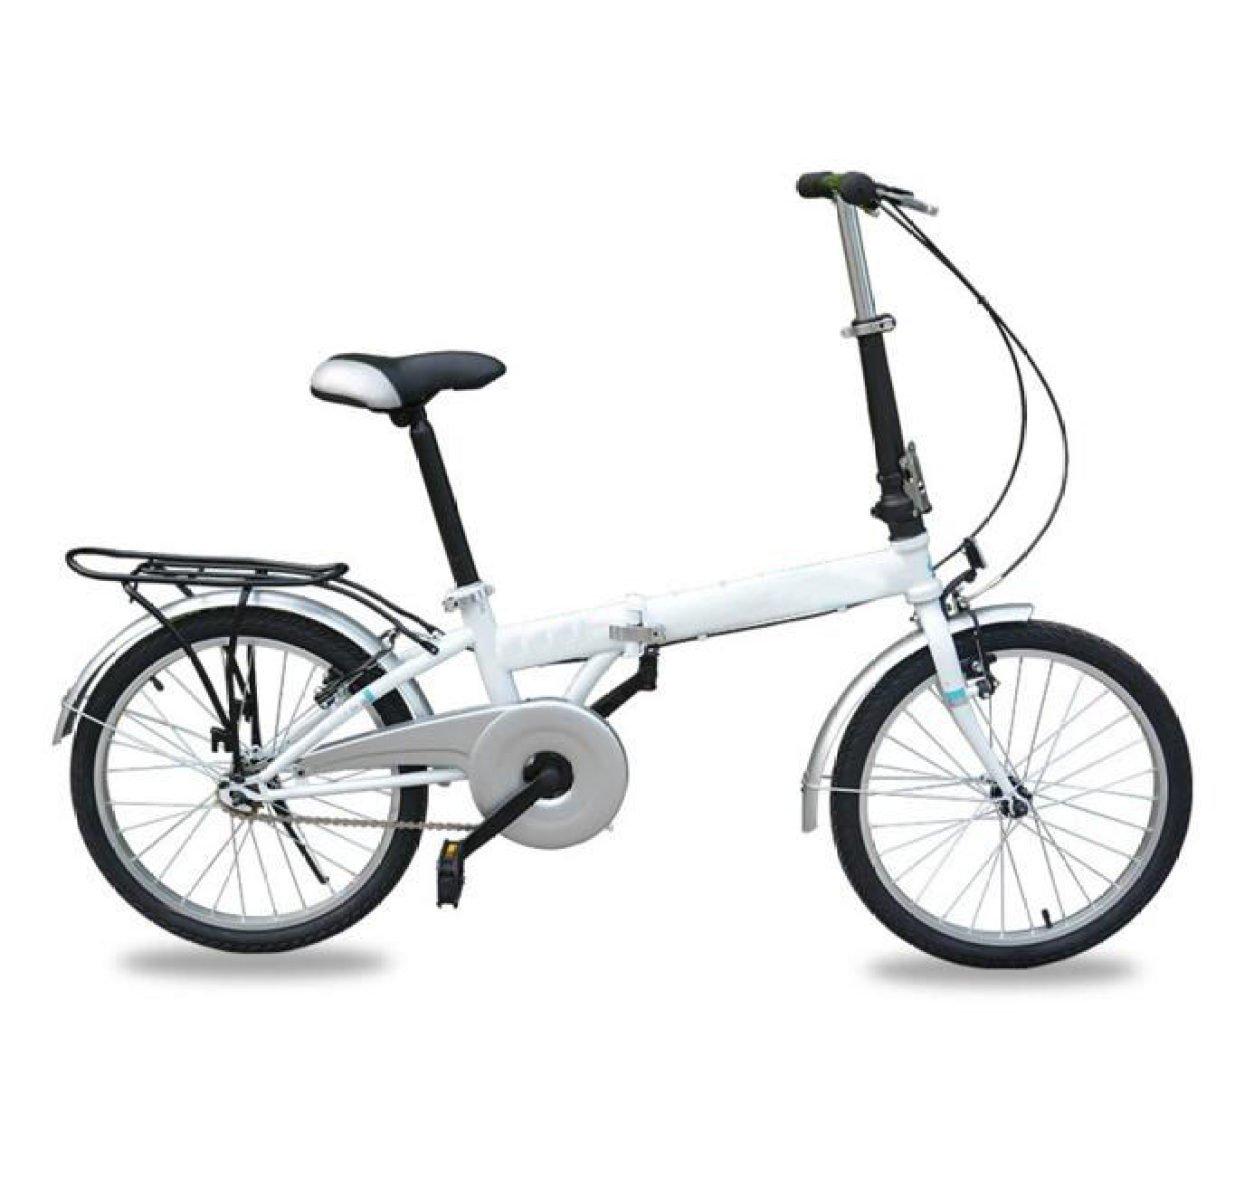 Bicicleta Plegable De Carga De Bicicleta Plegable De 20 Pulgadas Bicicleta De Ciclismo Bicicleta Mini Estudiante Regalo De Bicicleta De Coche,White-20in: ...